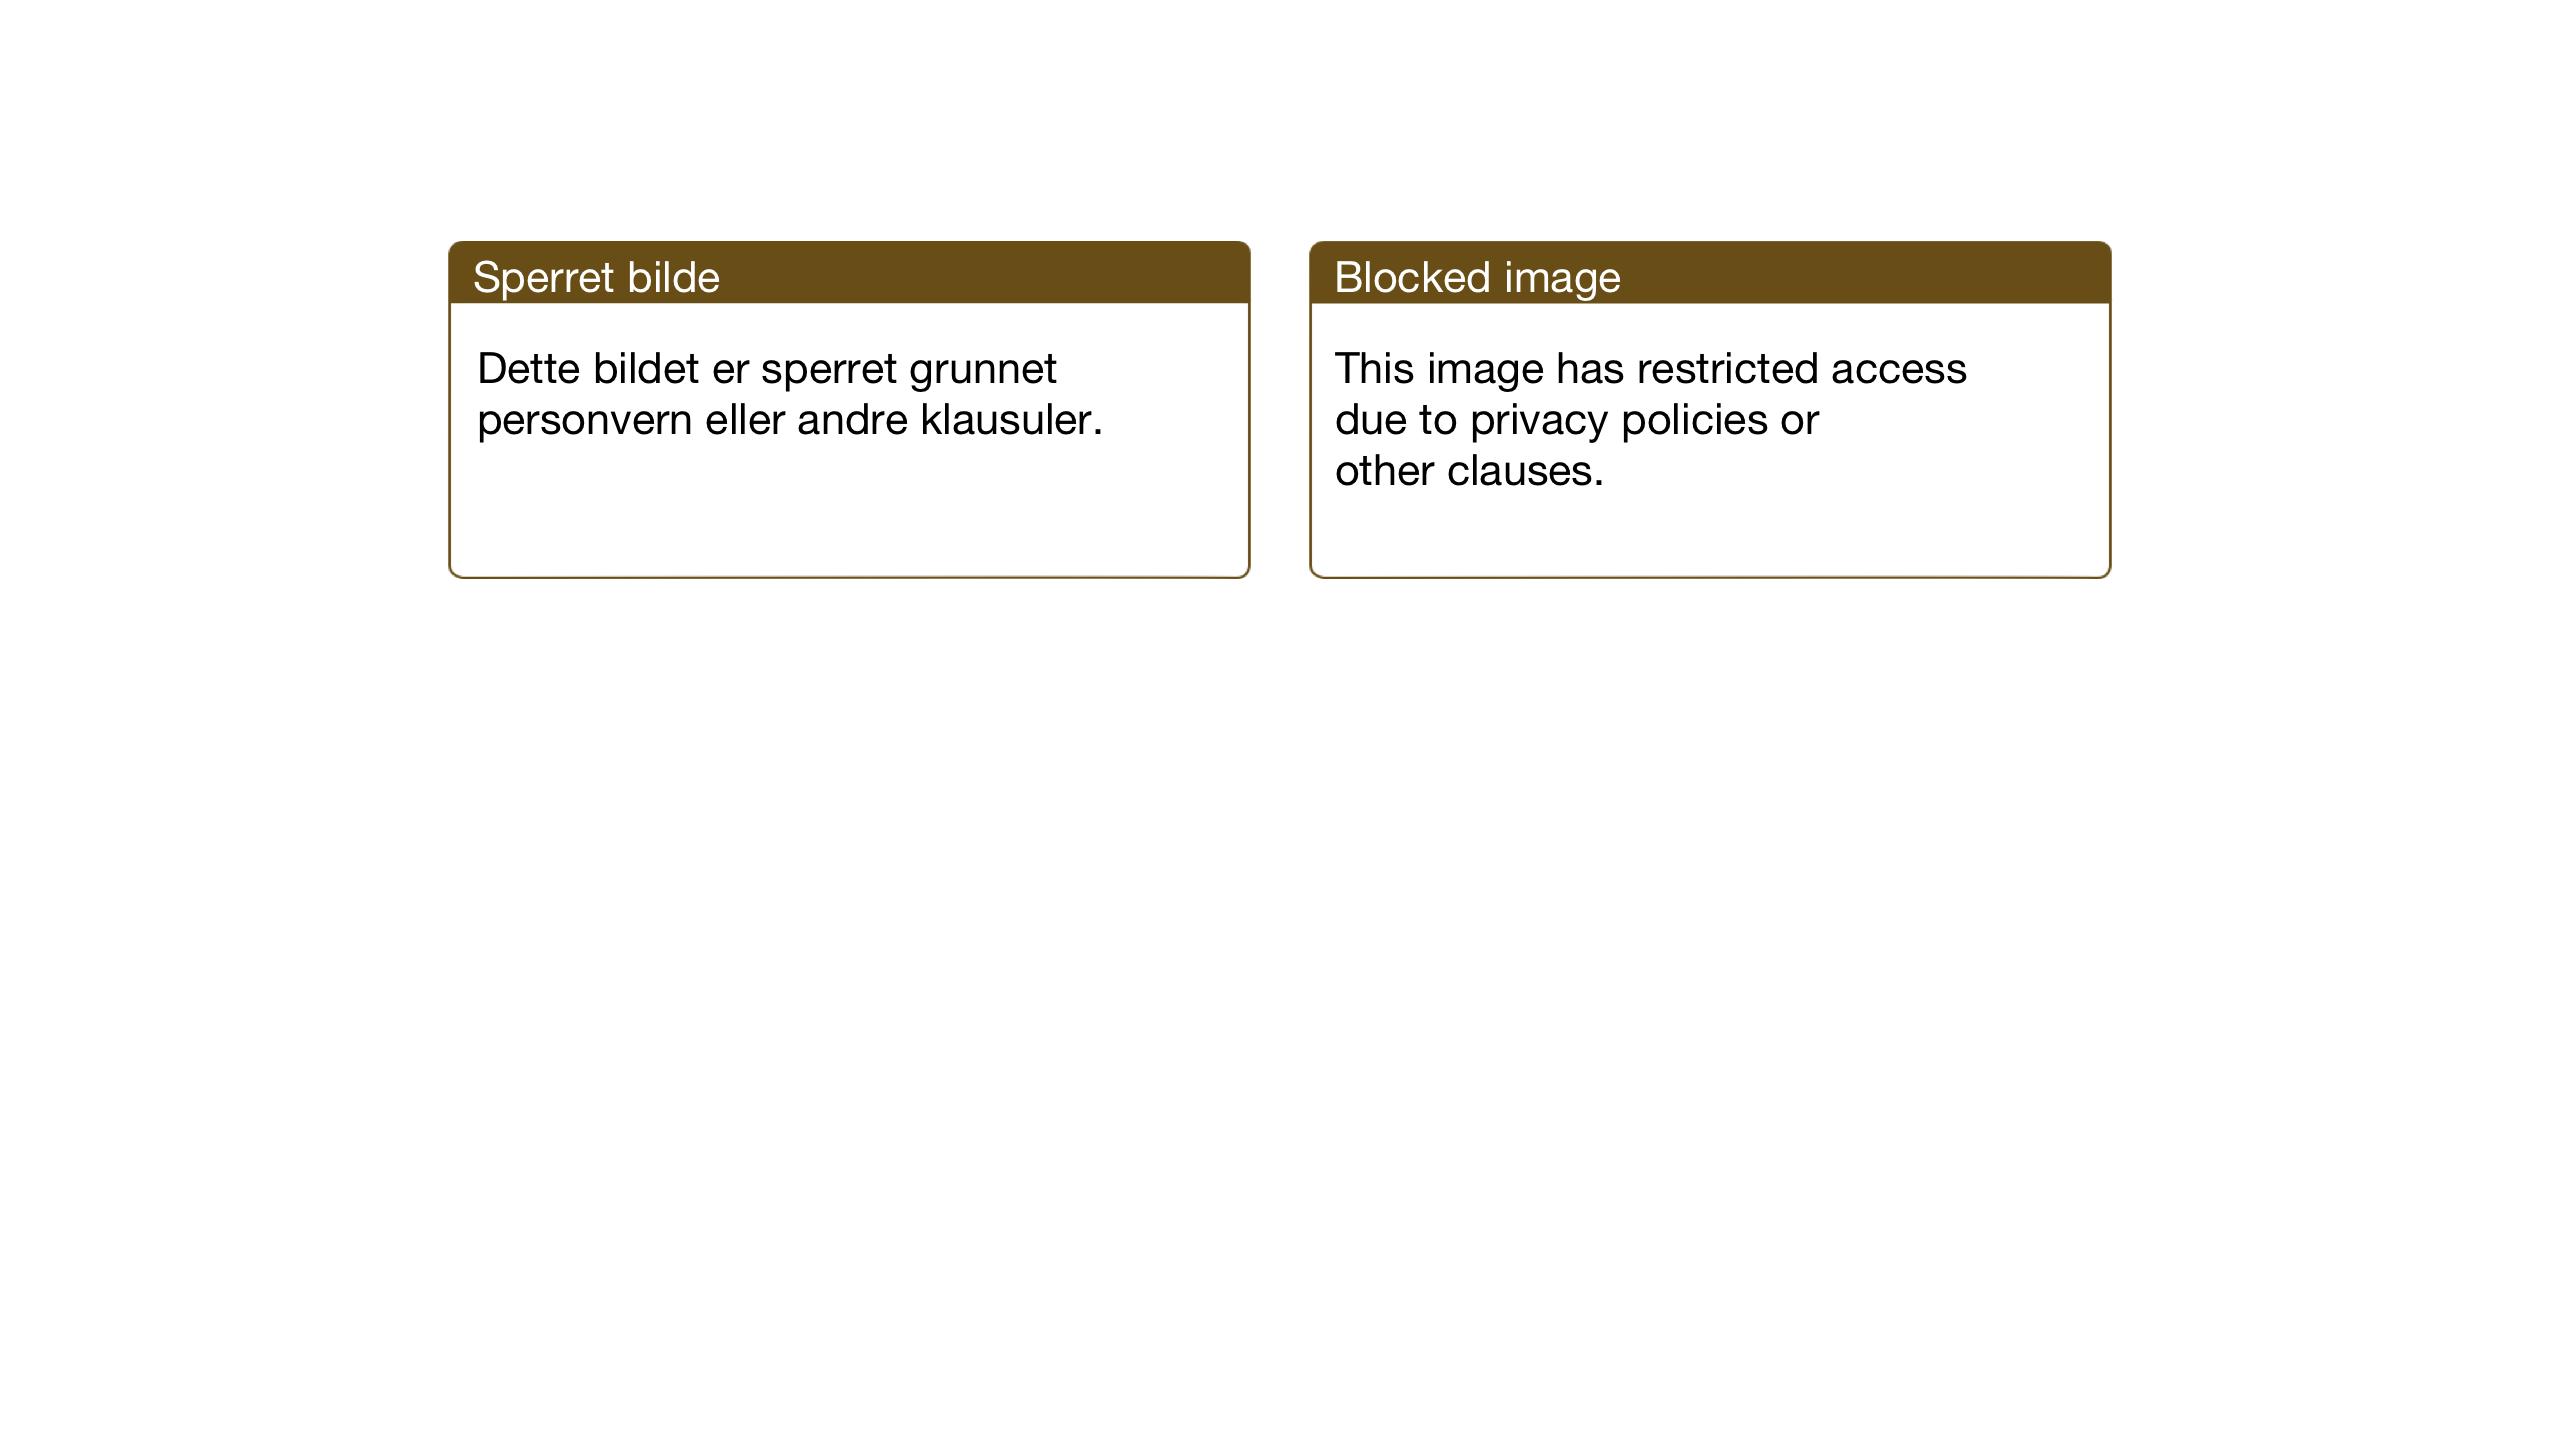 SAT, Ministerialprotokoller, klokkerbøker og fødselsregistre - Sør-Trøndelag, 602/L0120: Ministerialbok nr. 602A18, 1880-1913, s. 174